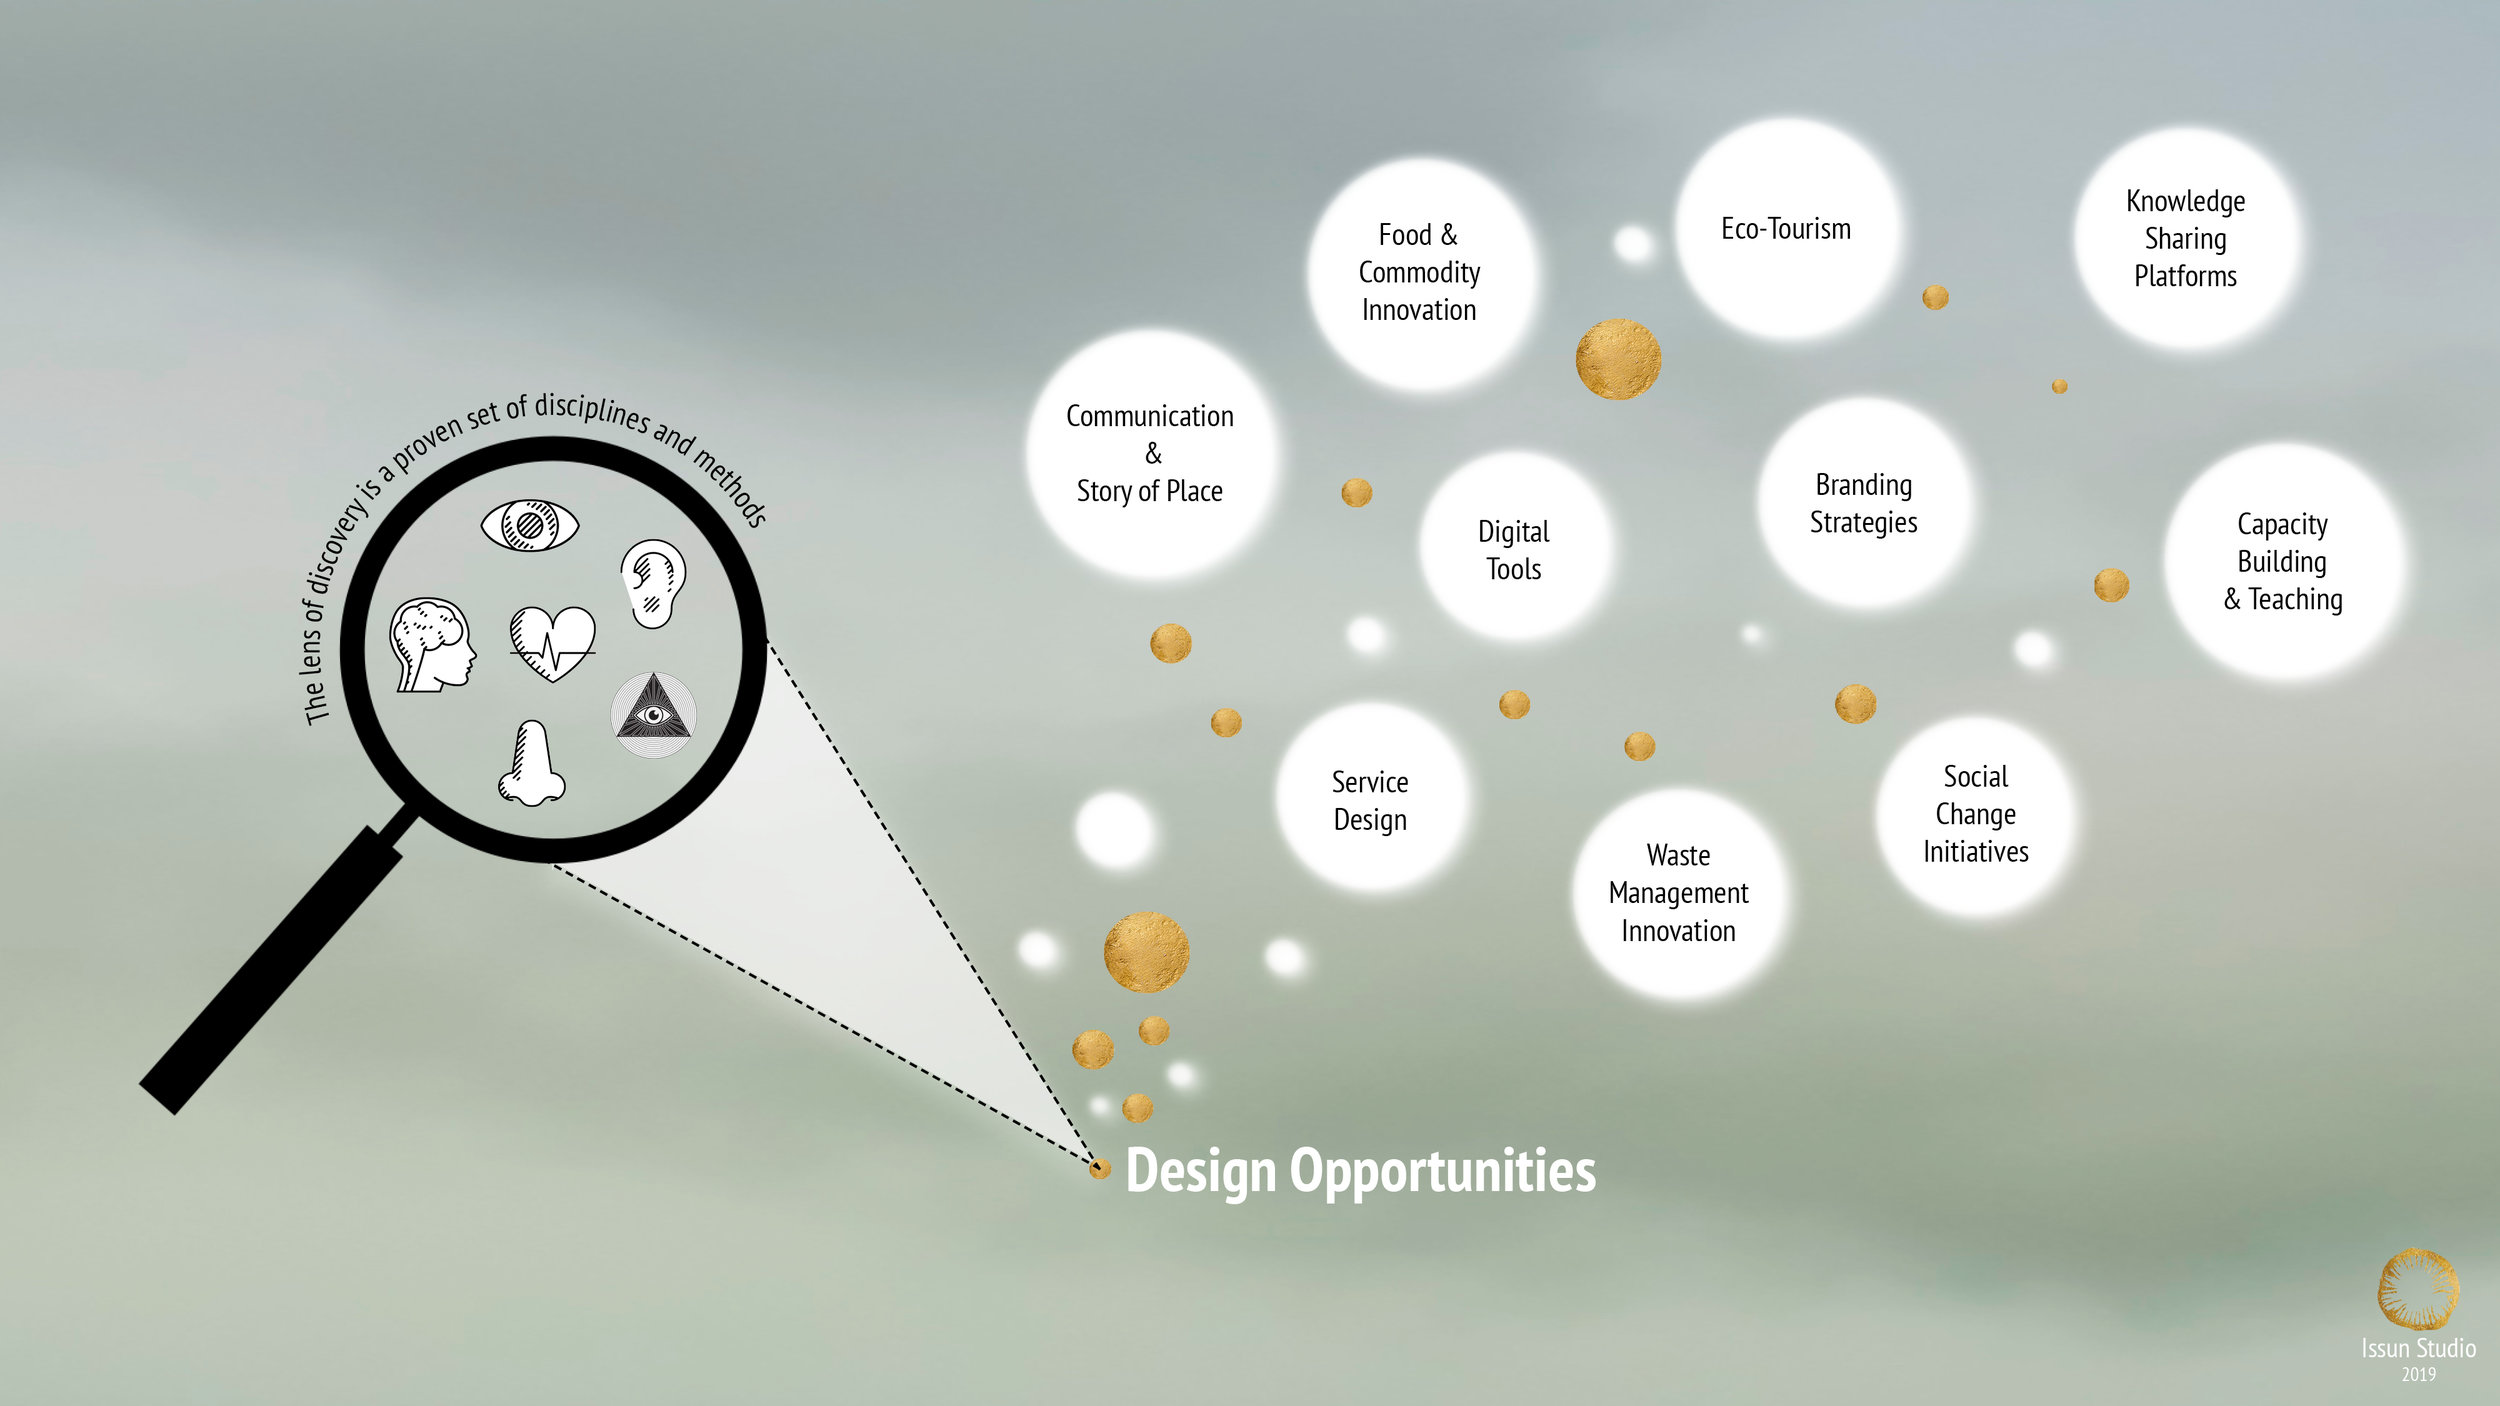 web method slides 2019 opportunities.jpg